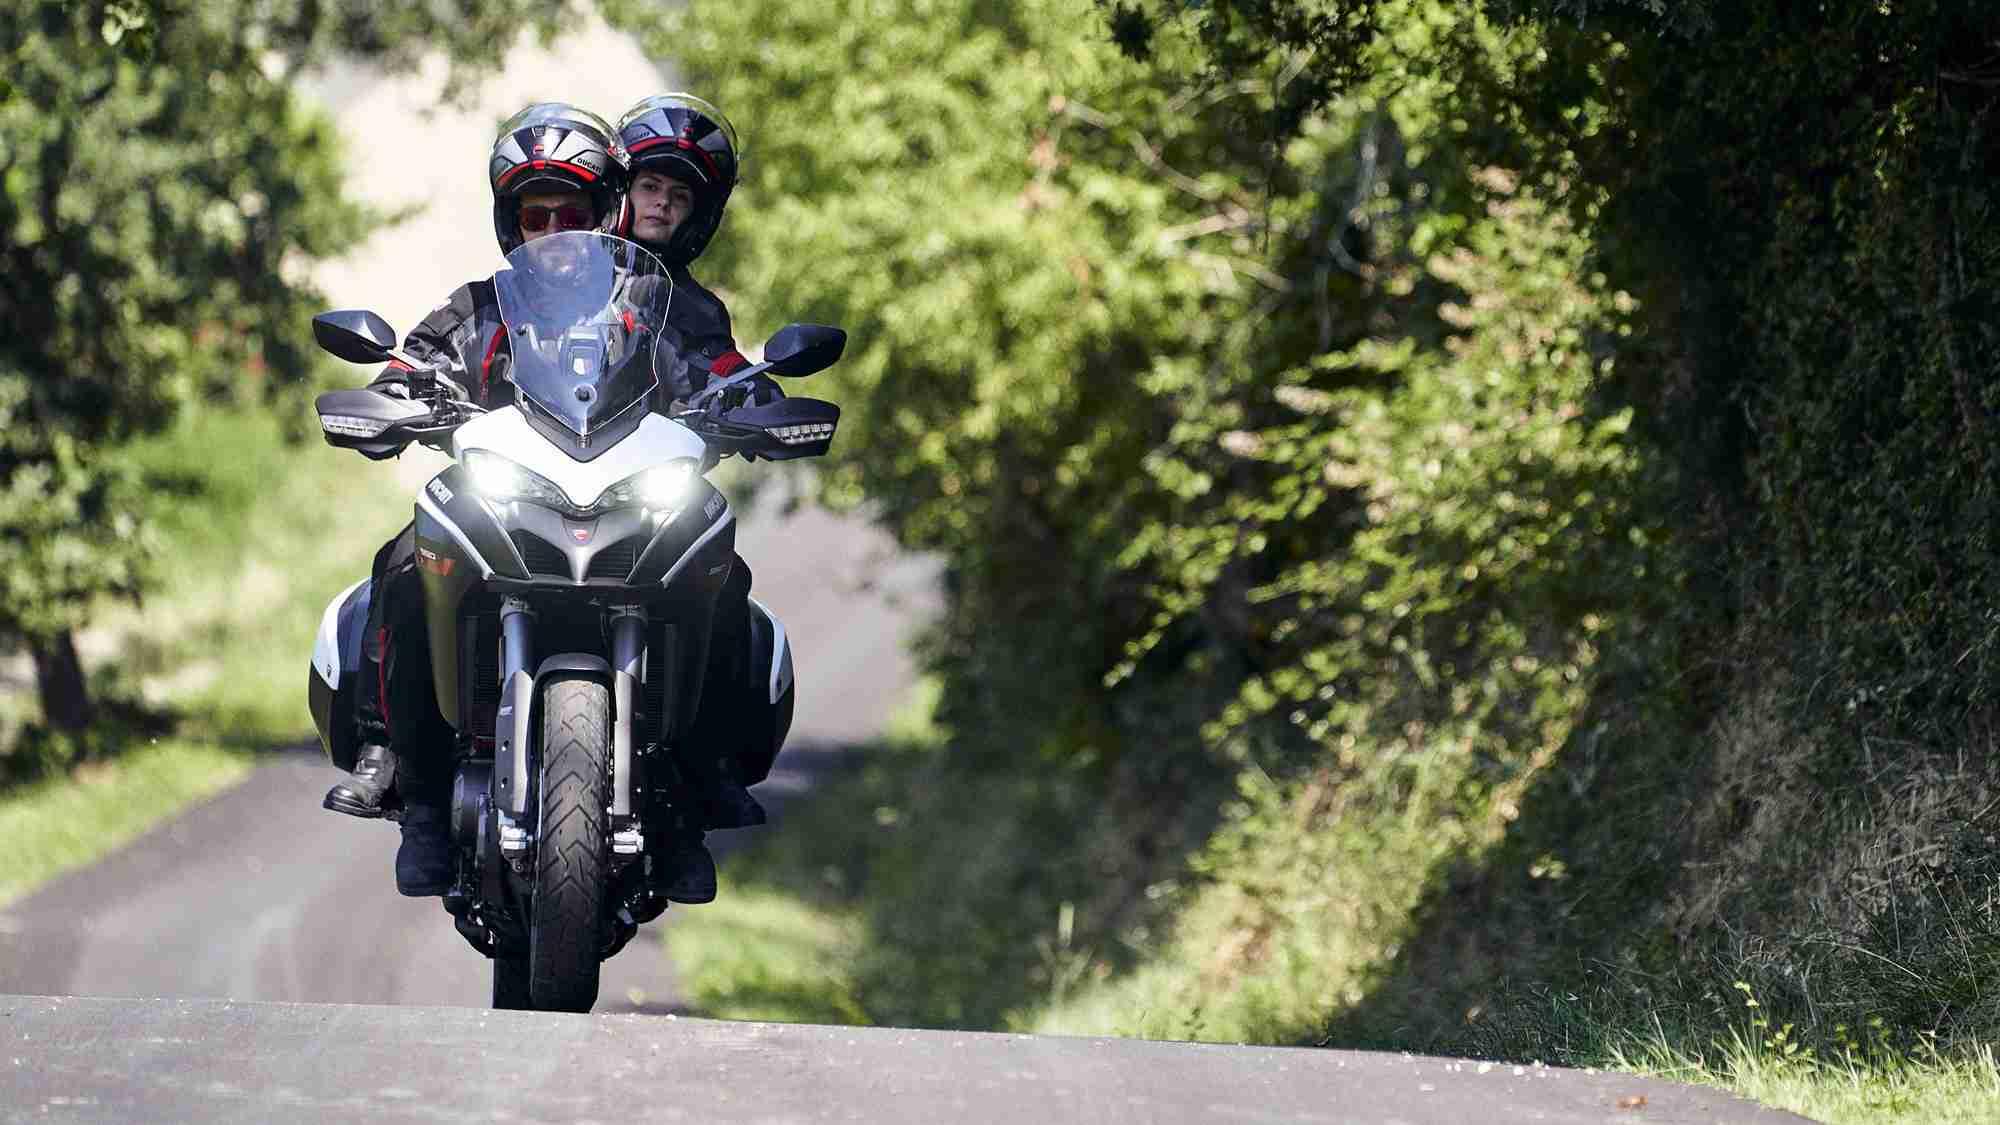 Ducati Multistrada 950 S GP HD wallpapers